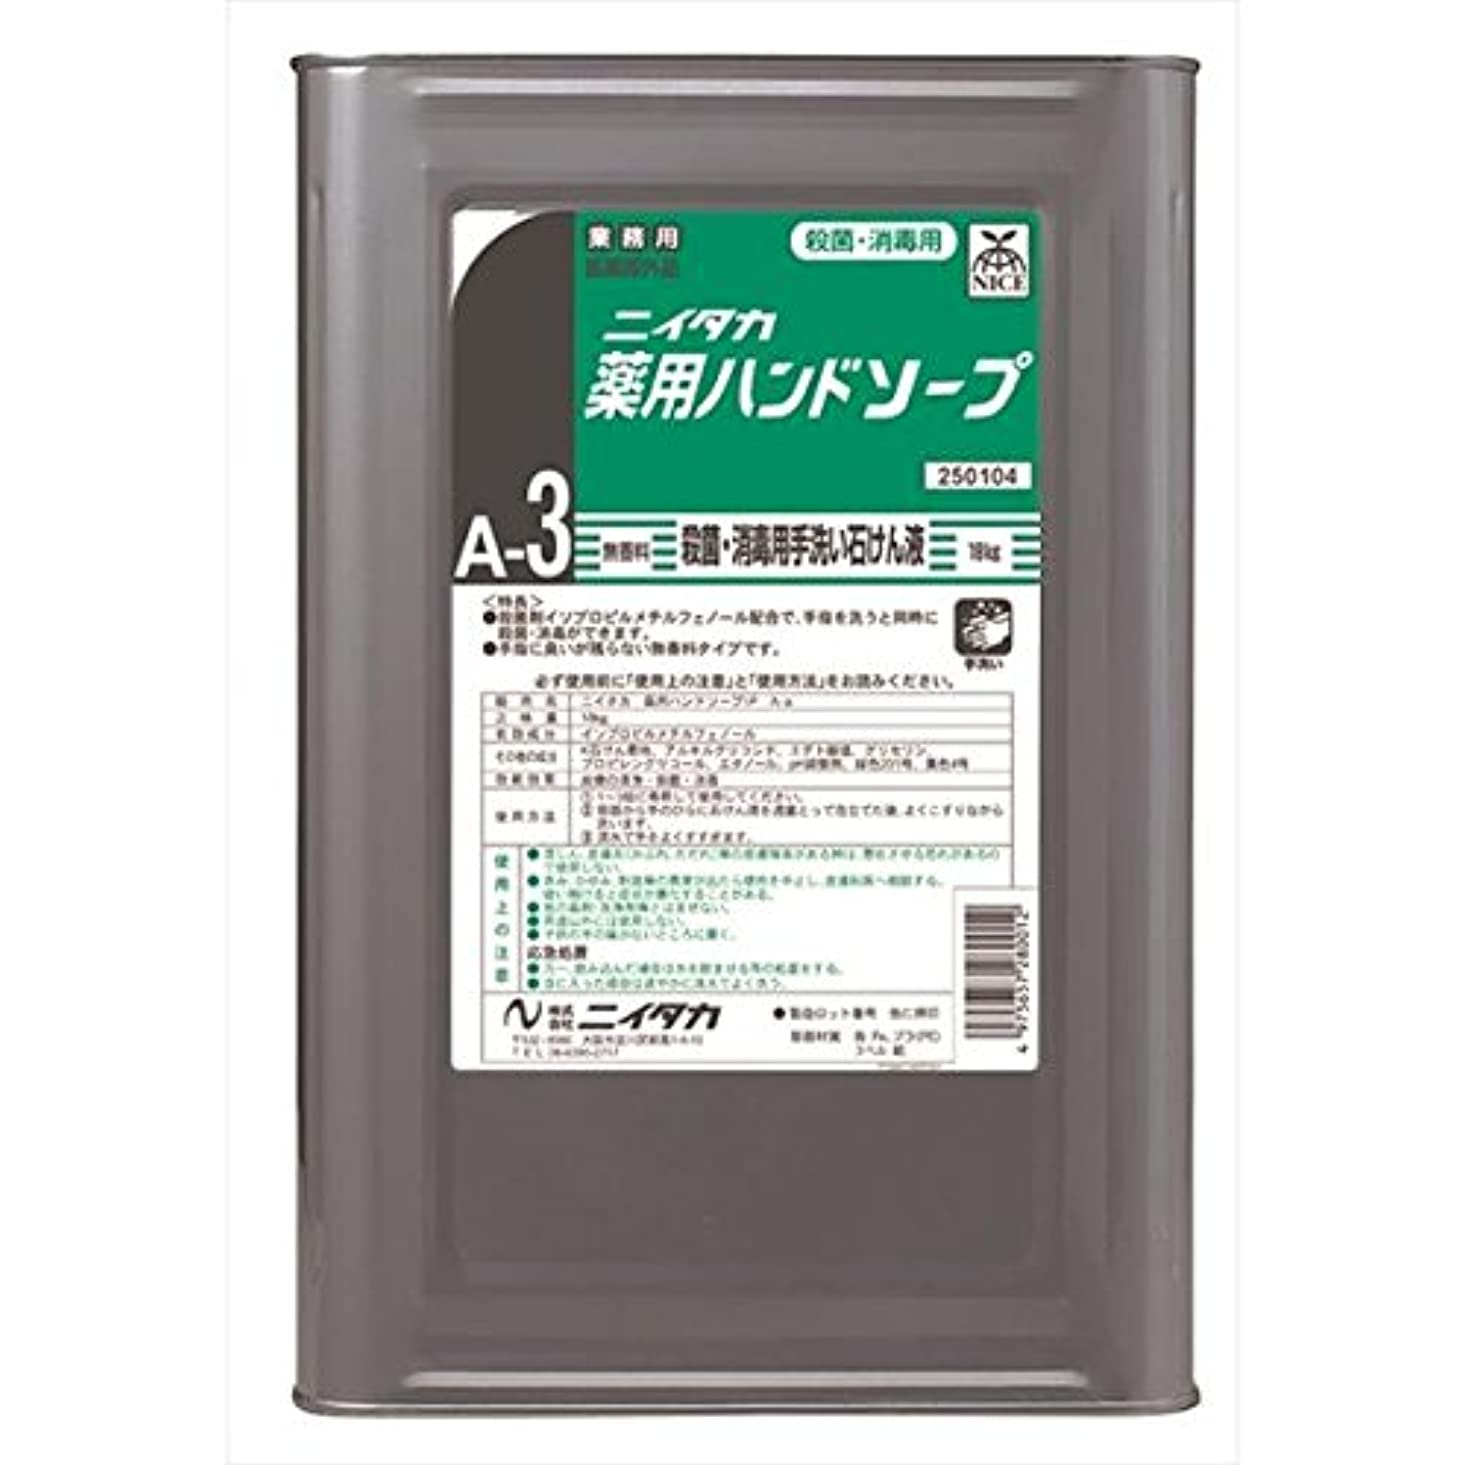 出版ふくろうトランスミッションニイタカ:薬用ハンドソープ(A-3) 18kg 250104